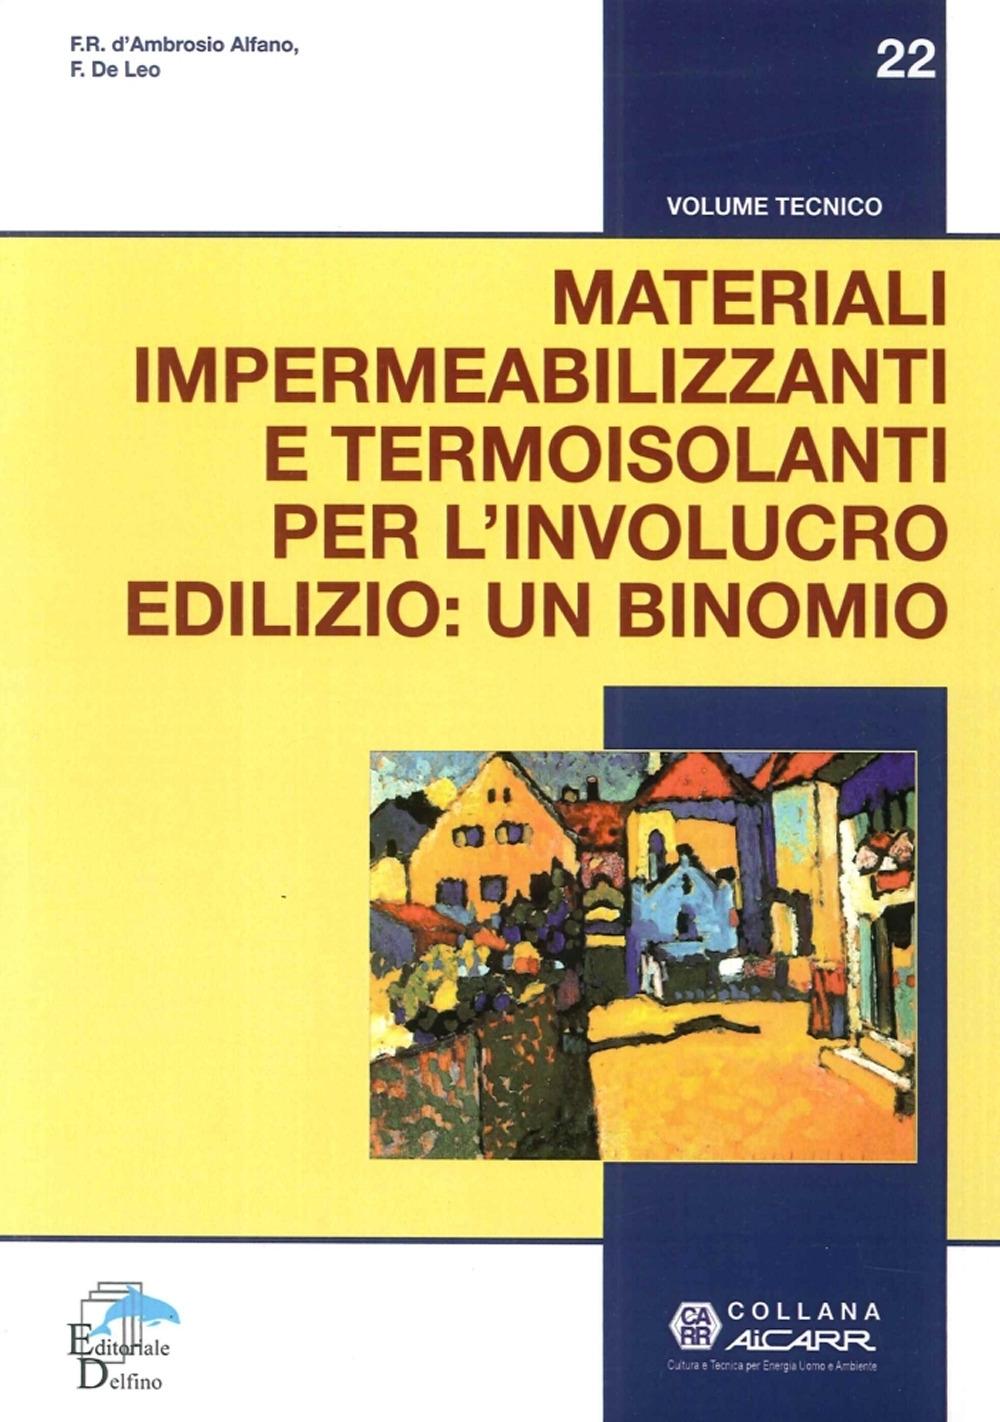 Materiali Impermeabilizzanti e Termoisolanti per l'Involucro Edilizio: un Binomio.